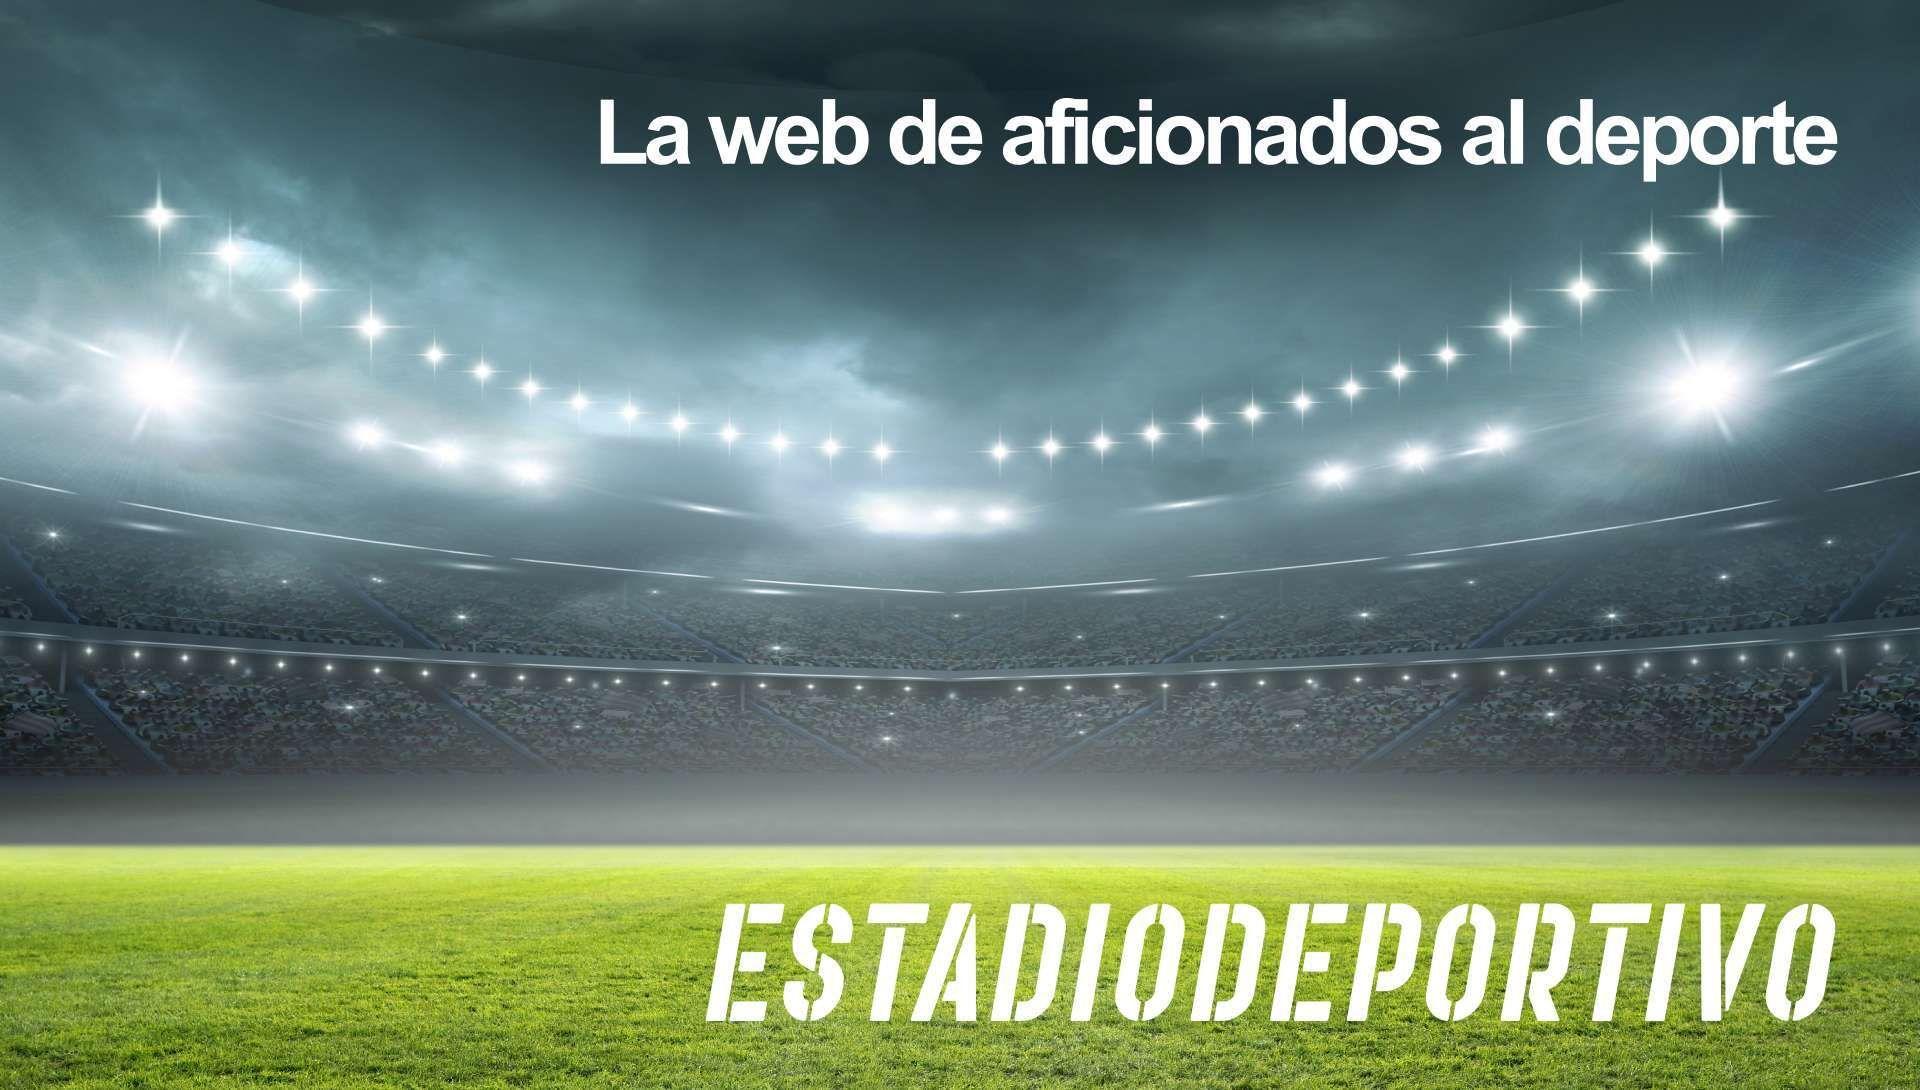 Las portadas del domingo 18 de abril